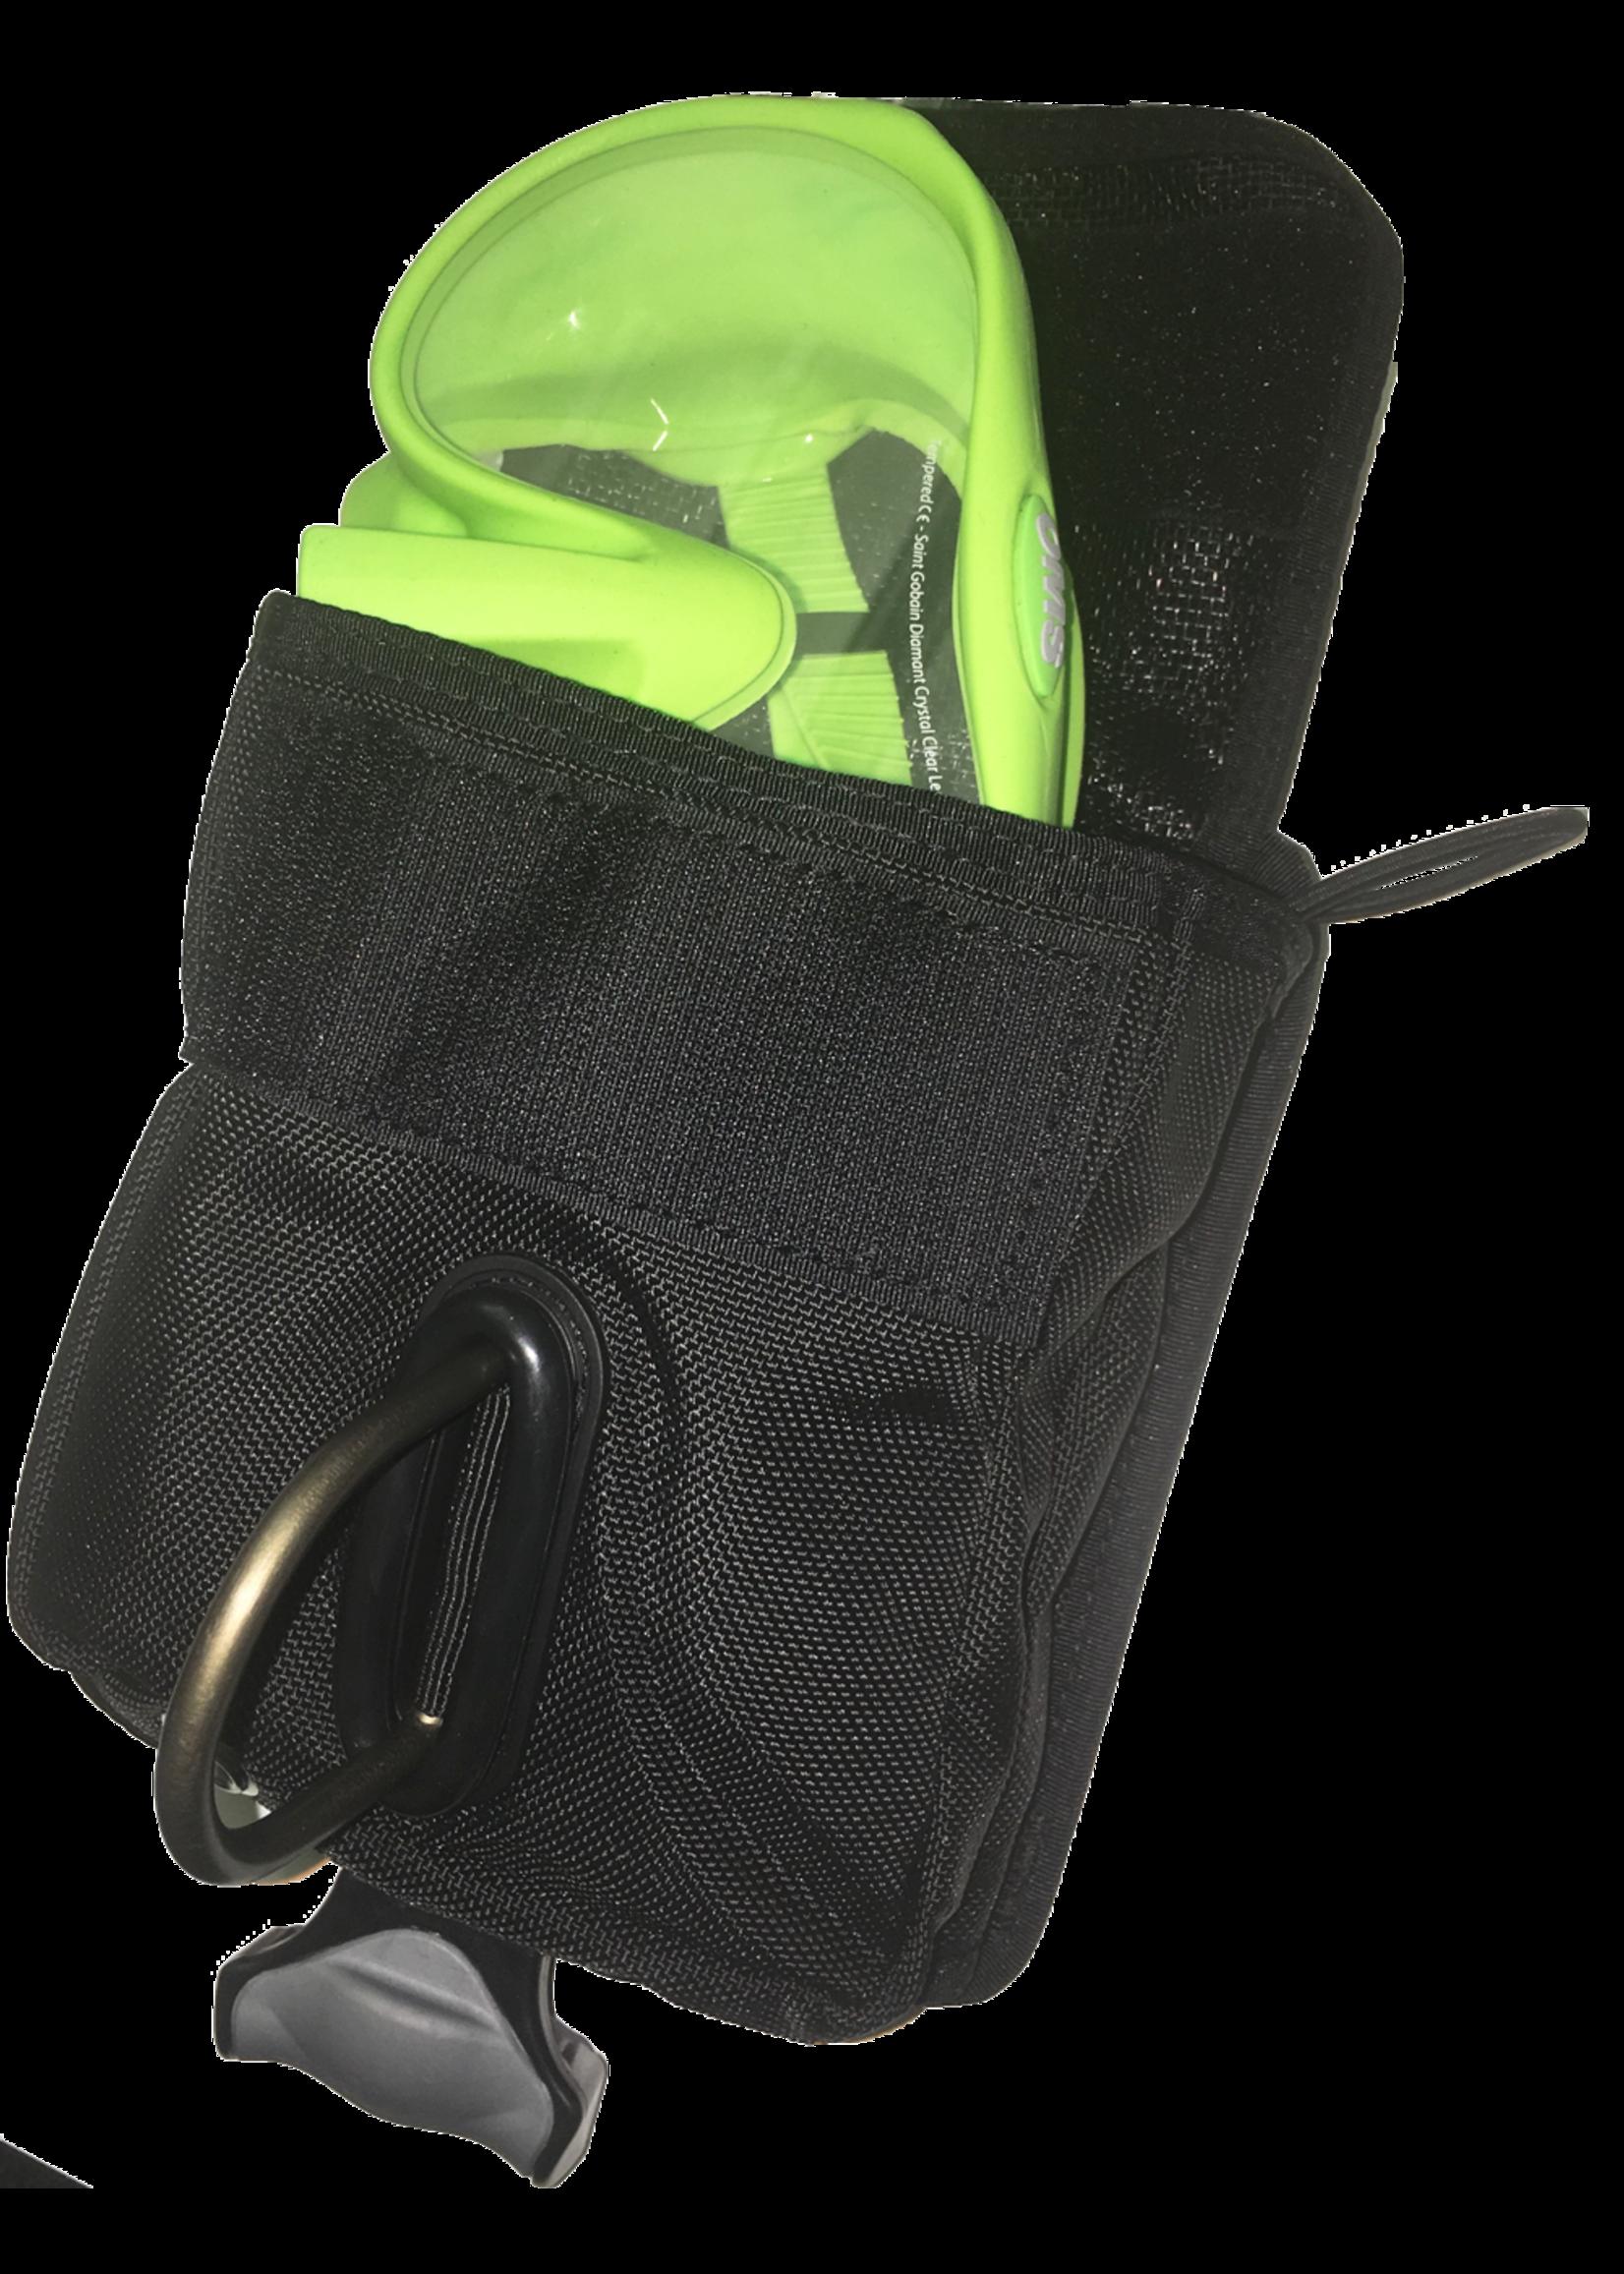 OMS Utility Pocket met lood pocket